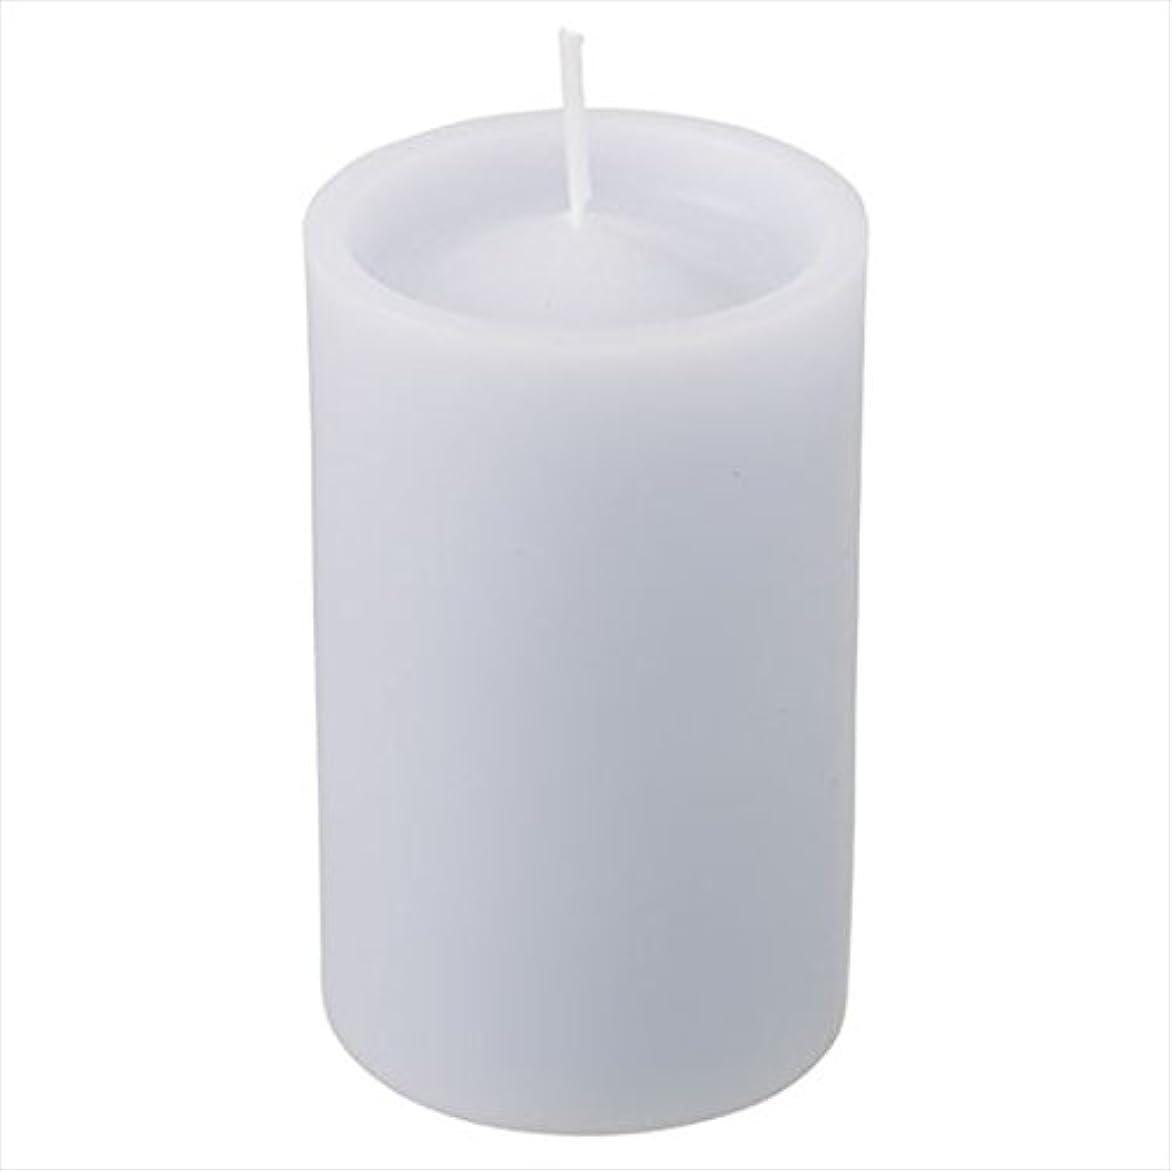 巨大脳コンクリートカメヤマキャンドル( kameyama candle ) ロイヤルラウンド60 「 グレー 」